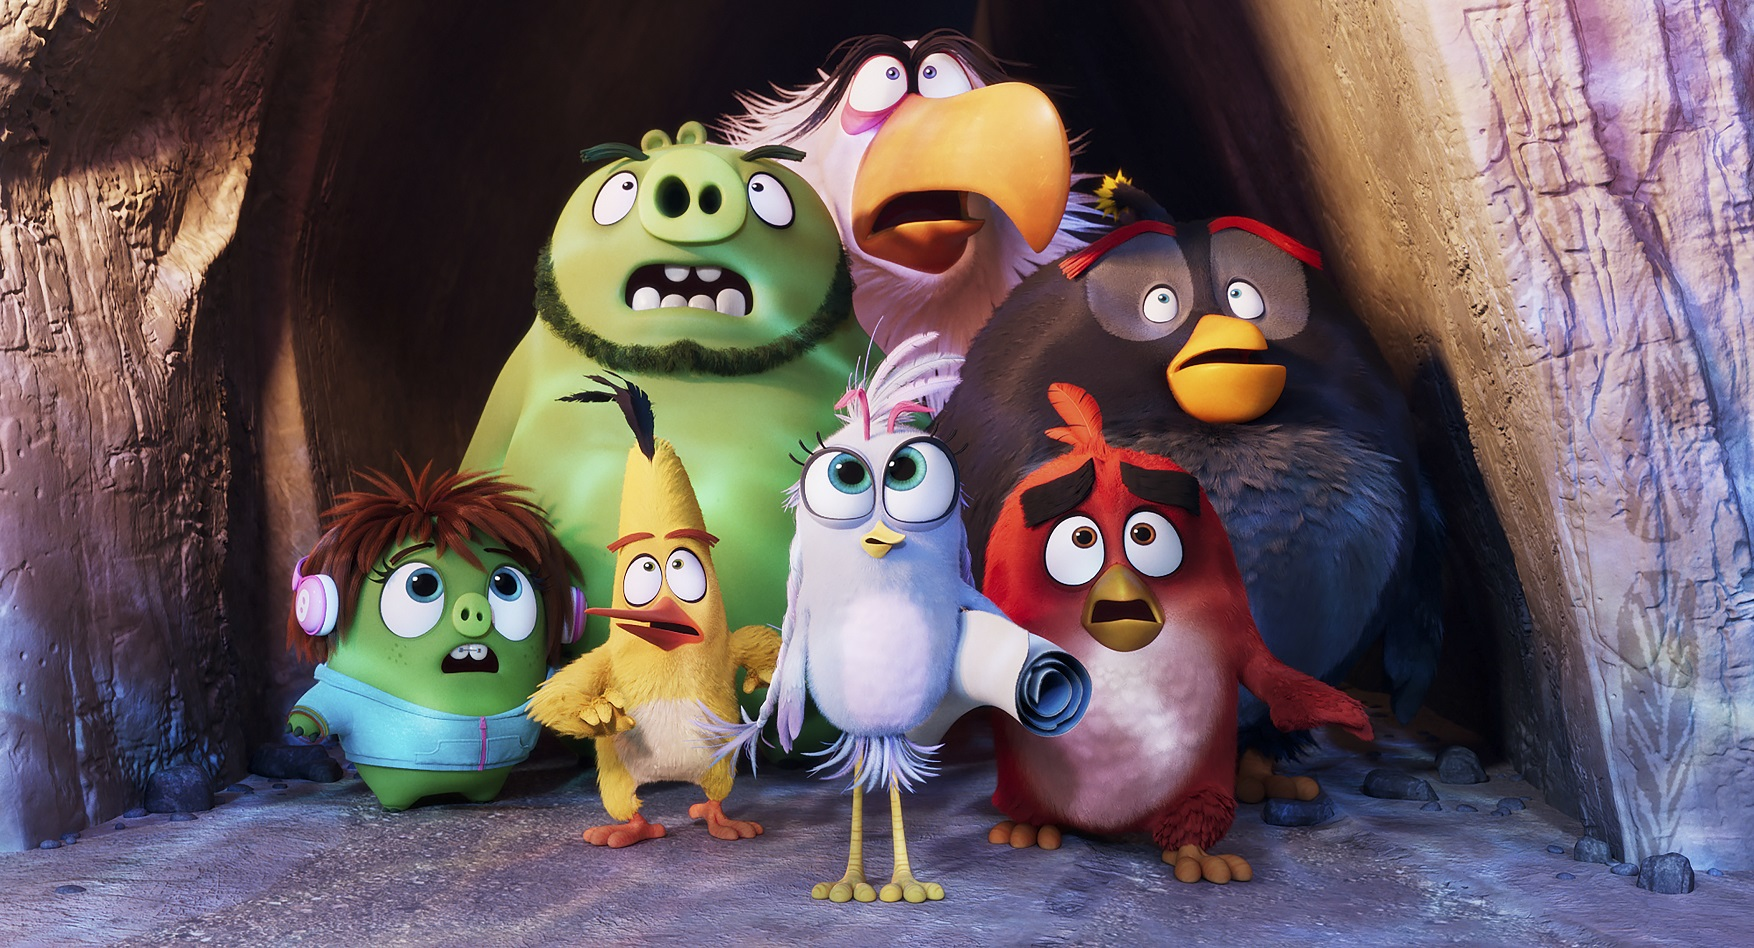 3rd Strike Com The Angry Birds Movie 2 Blu Ray Movie Review